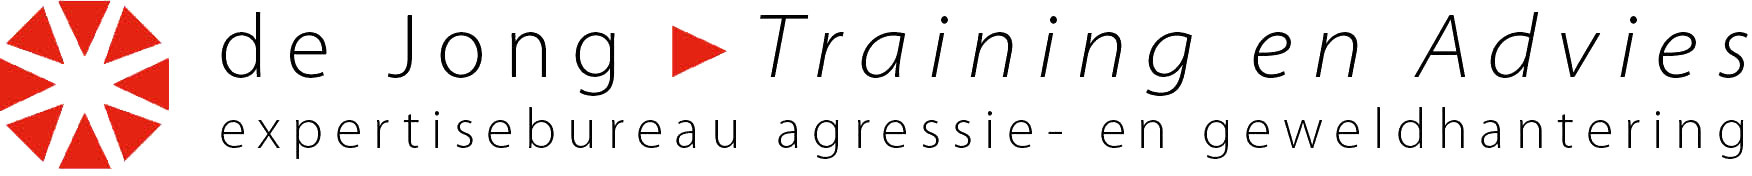 De Jong Training & Advies logo